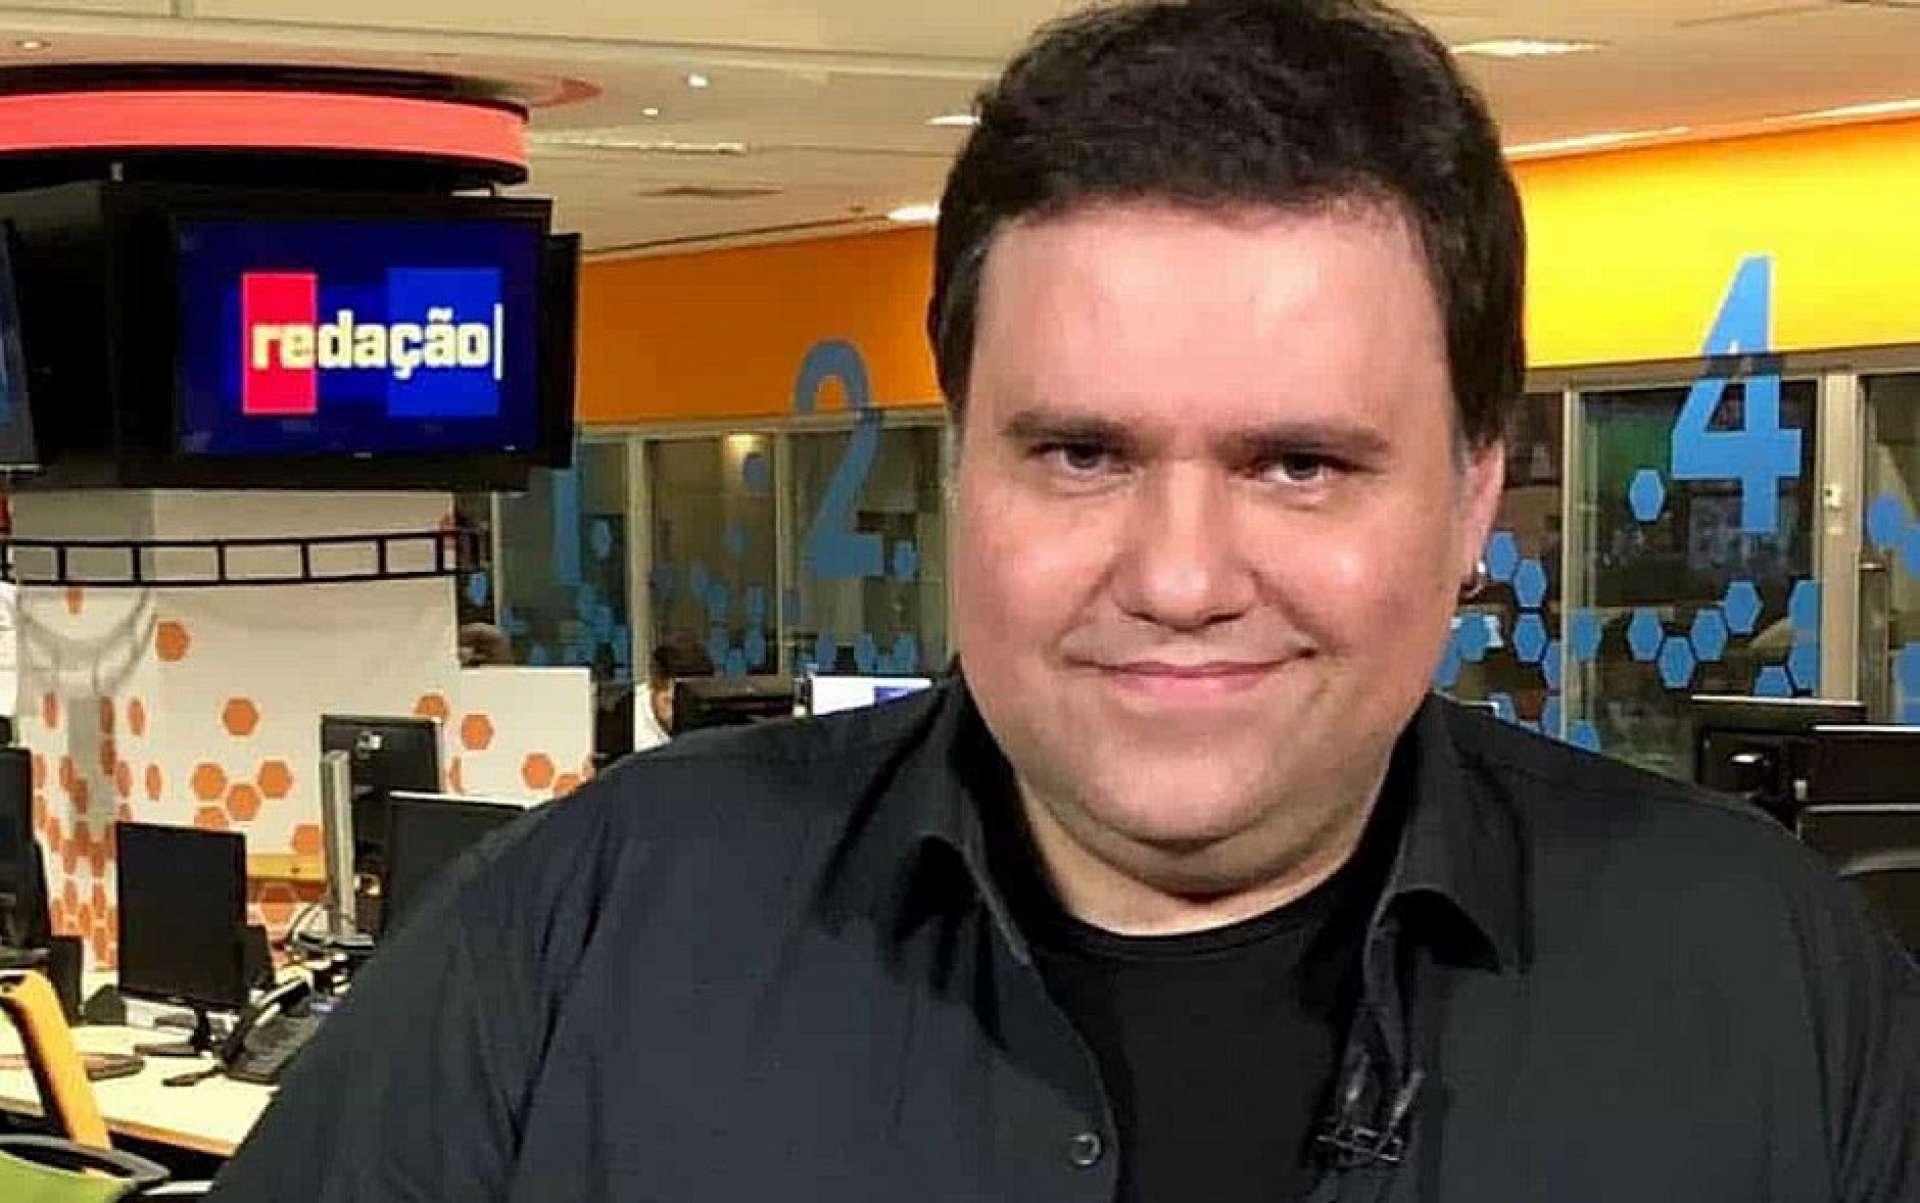 Internado na UTI, apresentador Rodrigo Rodrigues está em estado de saúde grave, informa hospital – O POVO